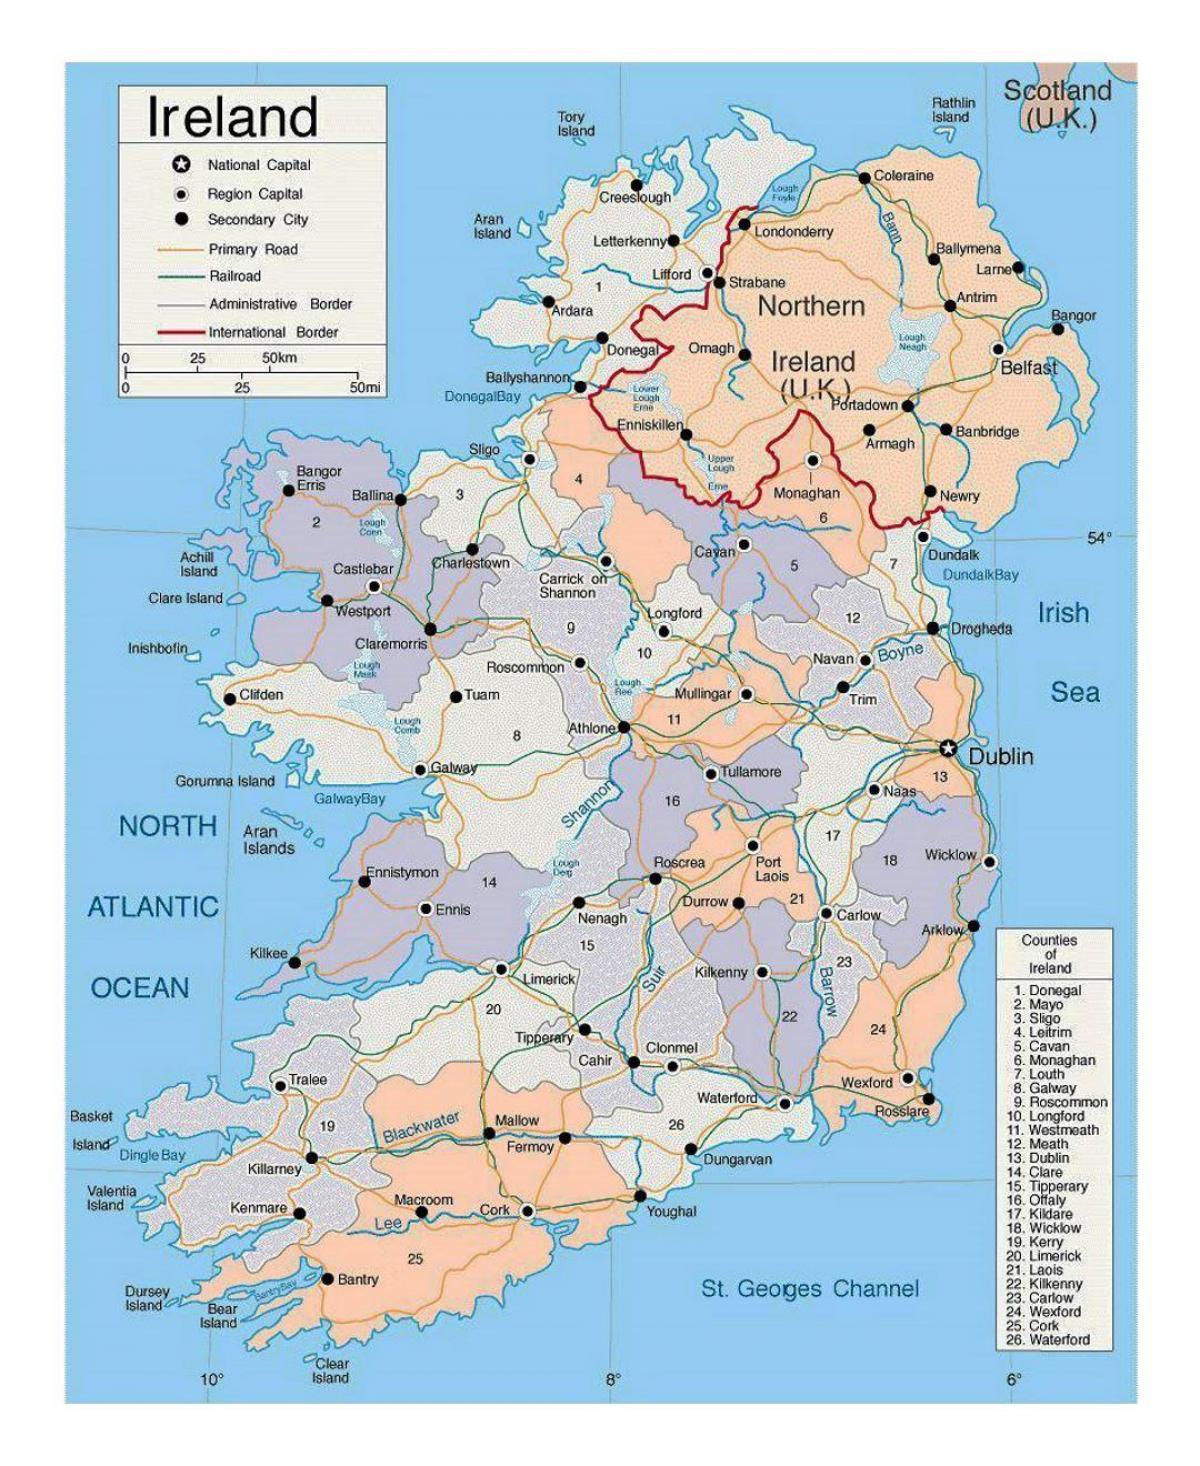 Irland Karte Städte.Irland Städte Map Karte Von Irland Mit Städten Europa Nord Europa